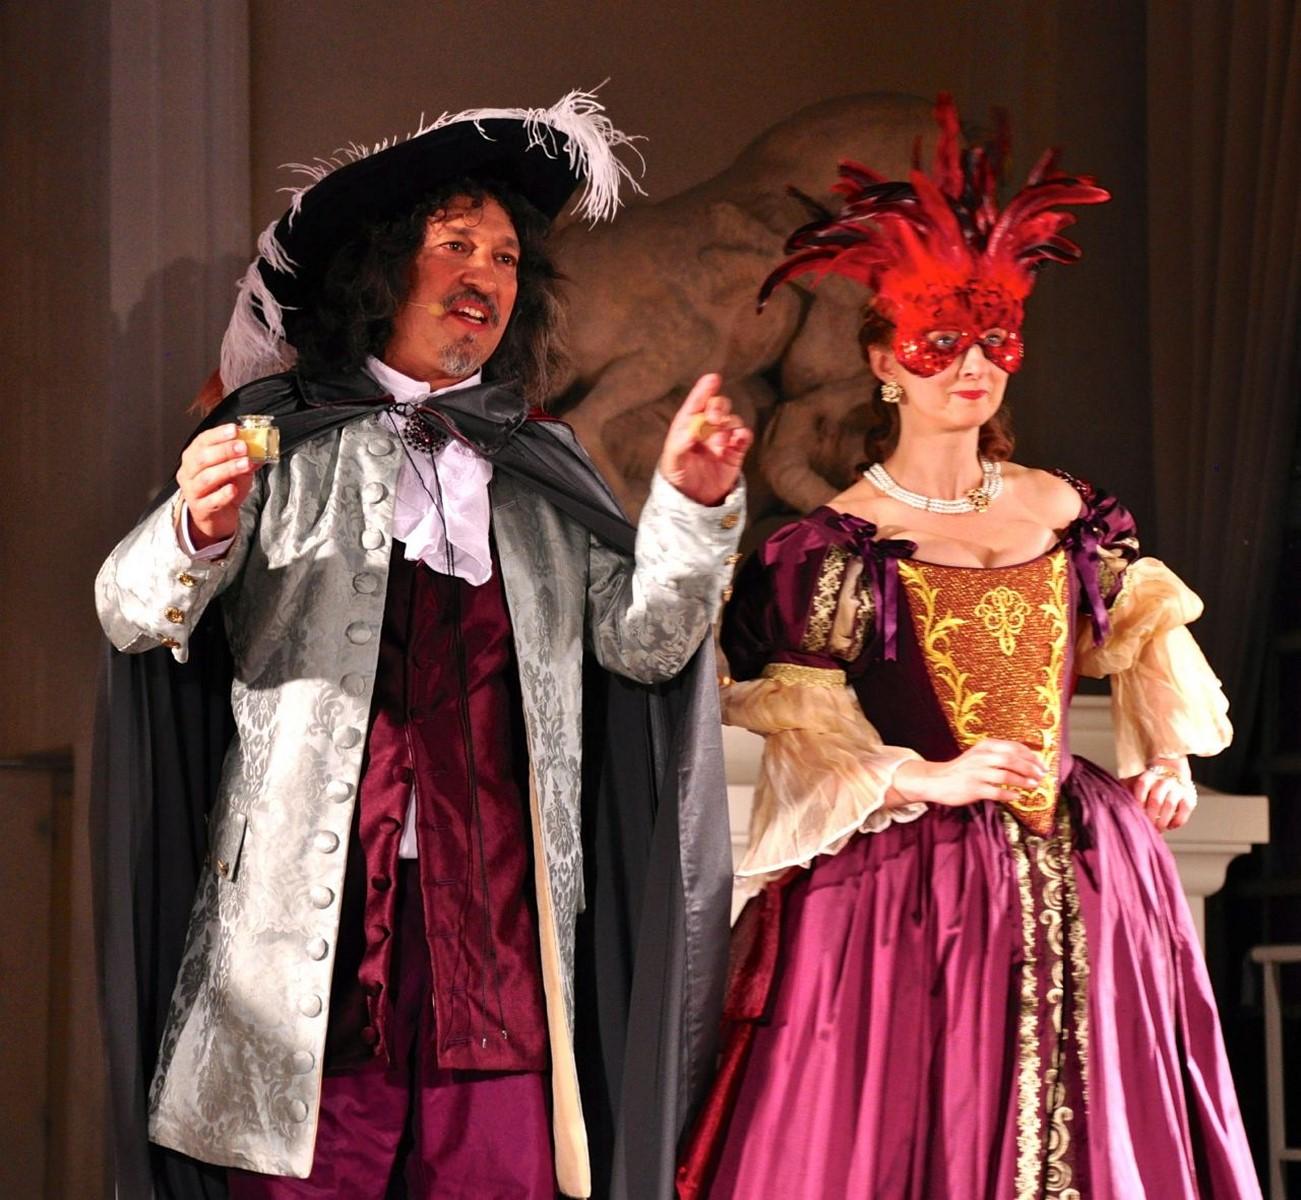 Comédiens cabaret baroque